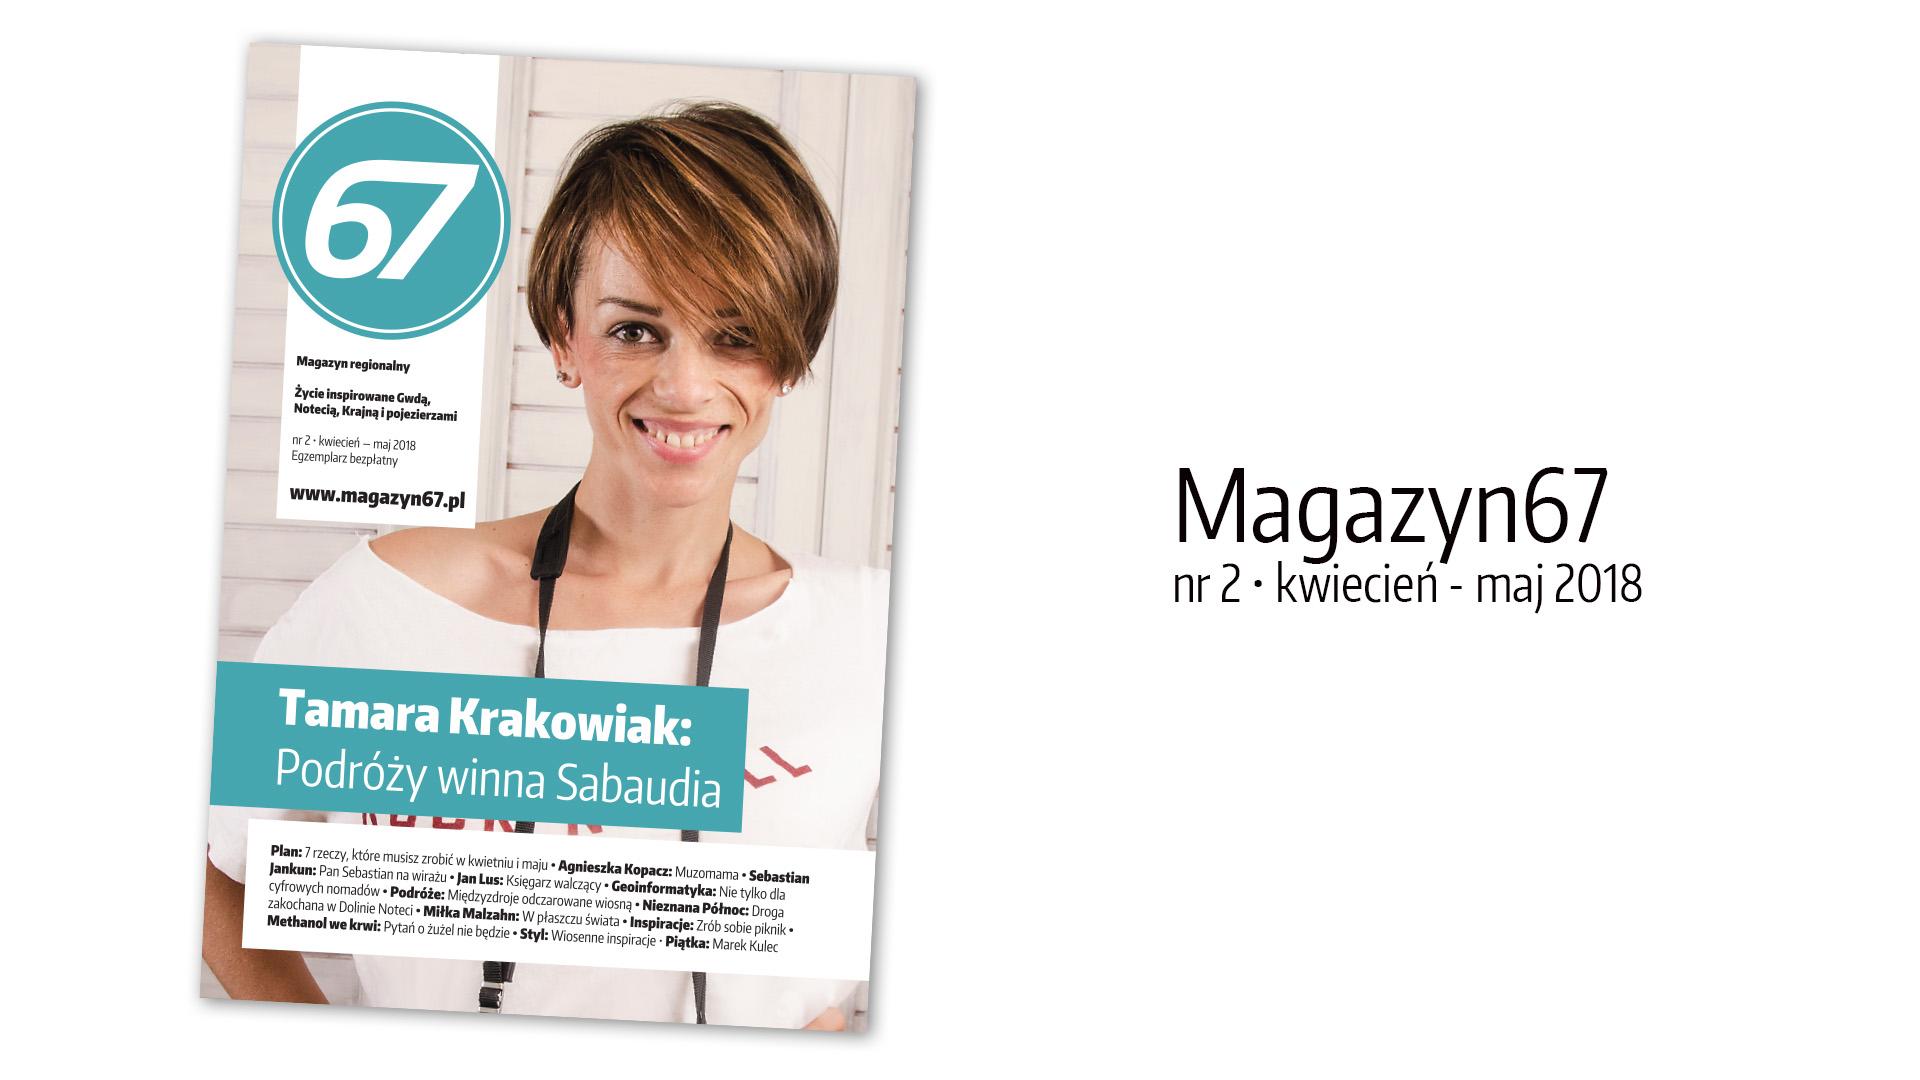 Tamara Krakowiak na okładce Magazynu67